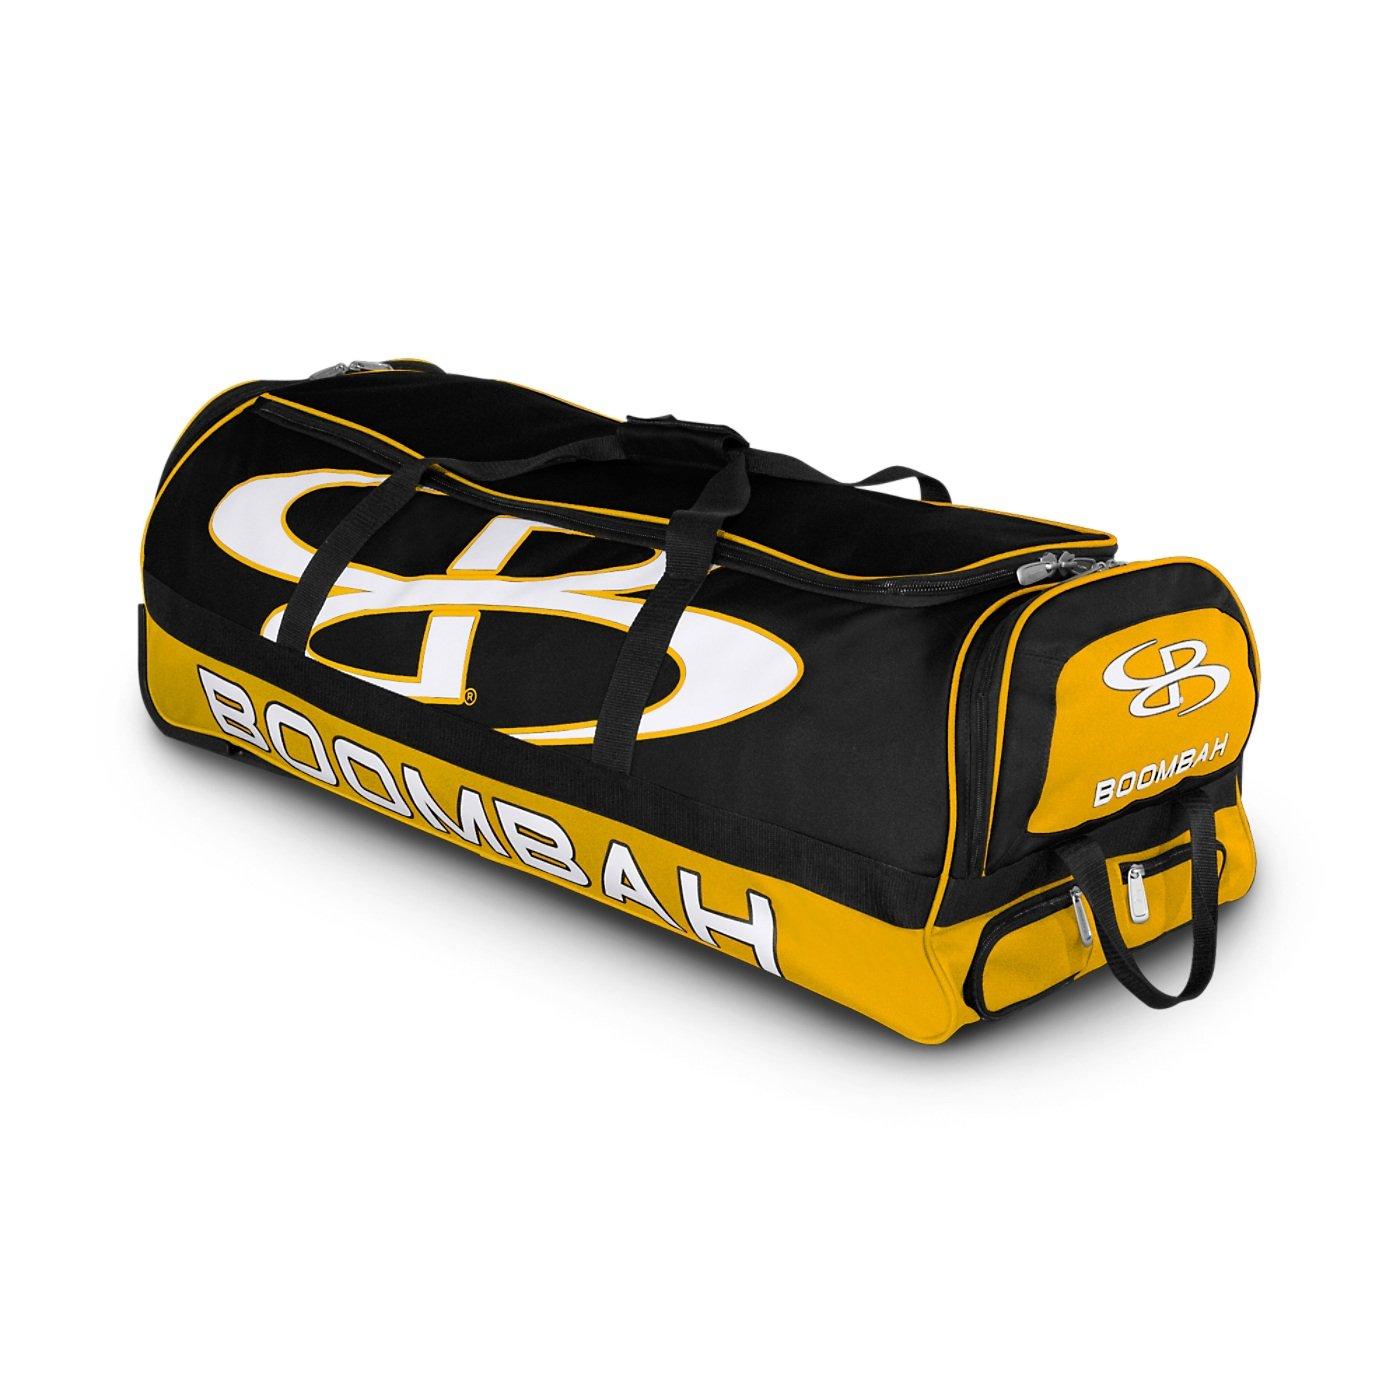 (ブームバー) Boombah Bruteシリーズ キャスター付きバットケース 野球ソフトボール用 35×15×12–1/2インチ 49色展開 4本のバットと用具を収納可能 B01MXRXF71 ブラック/ゴールド ブラック/ゴールド